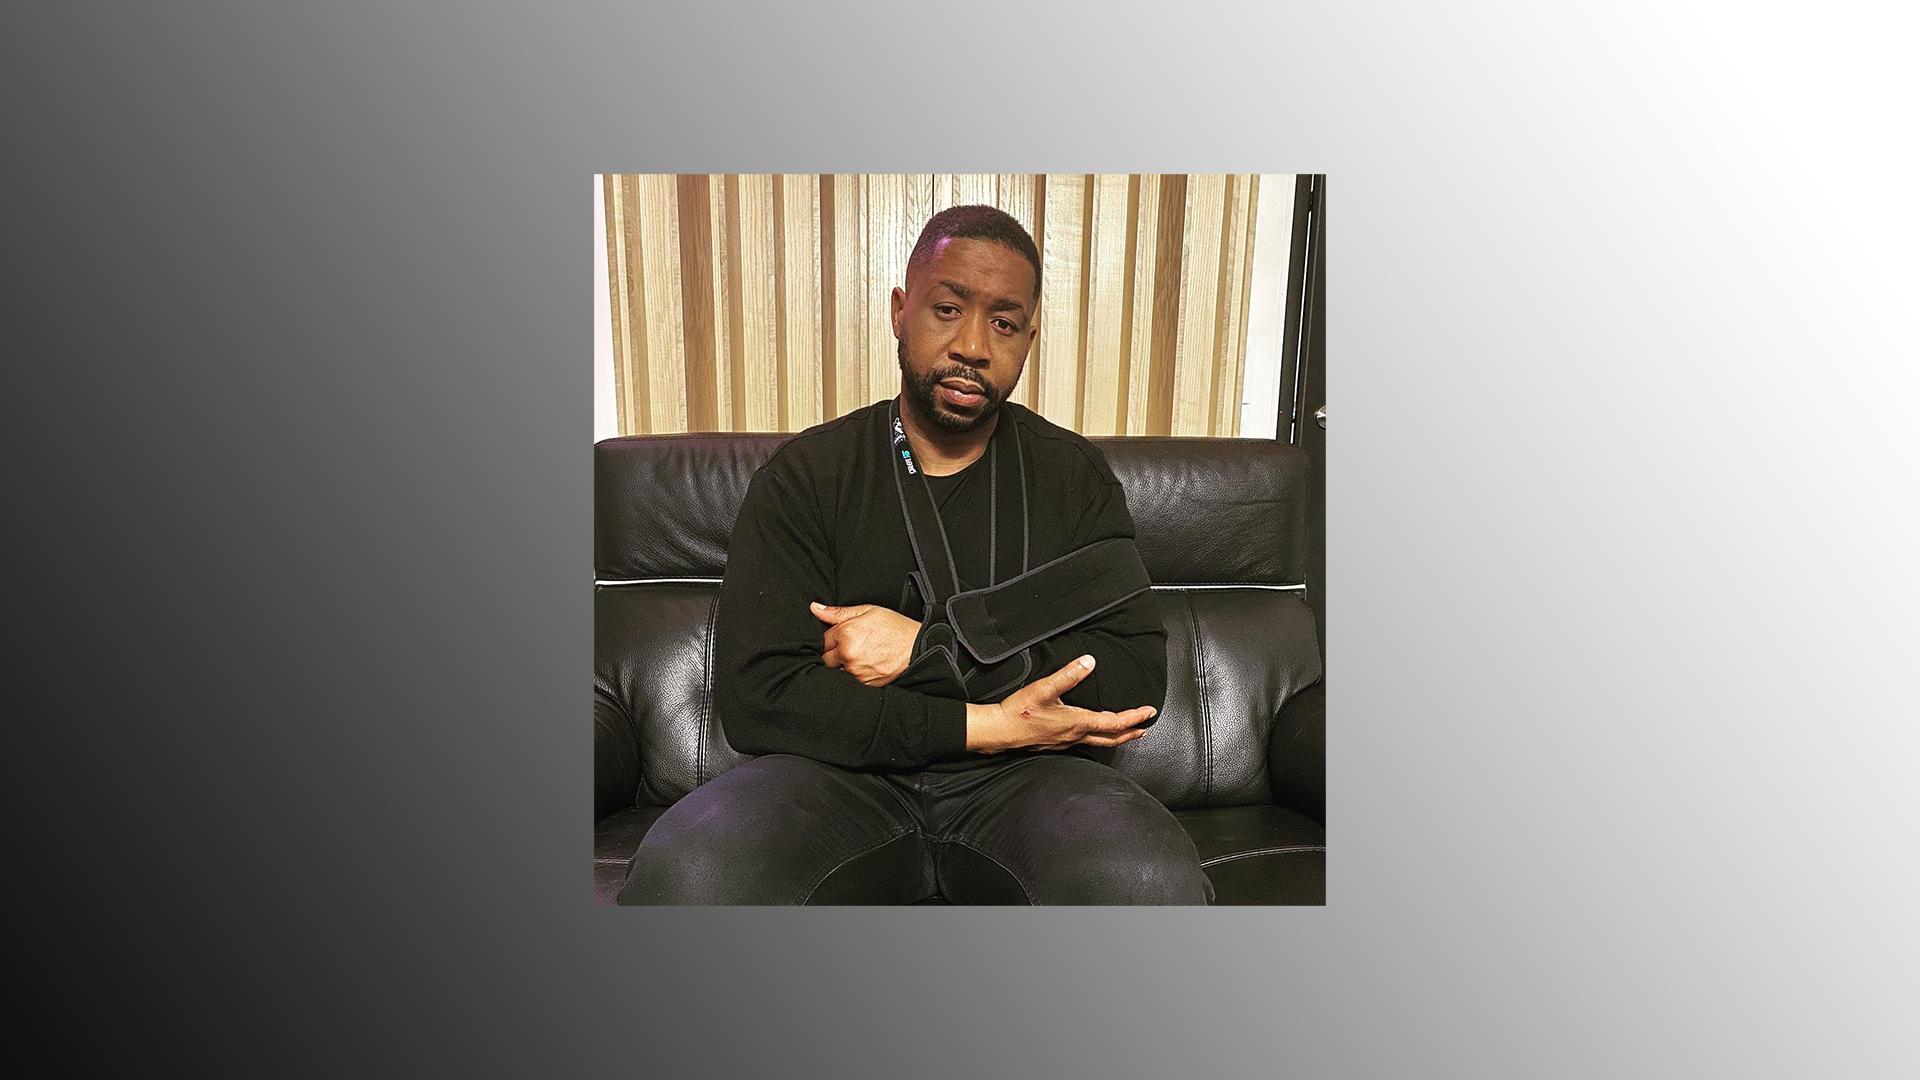 Qui est Michel Zecler, le producteur de rap passé à tabac par des policiers ?